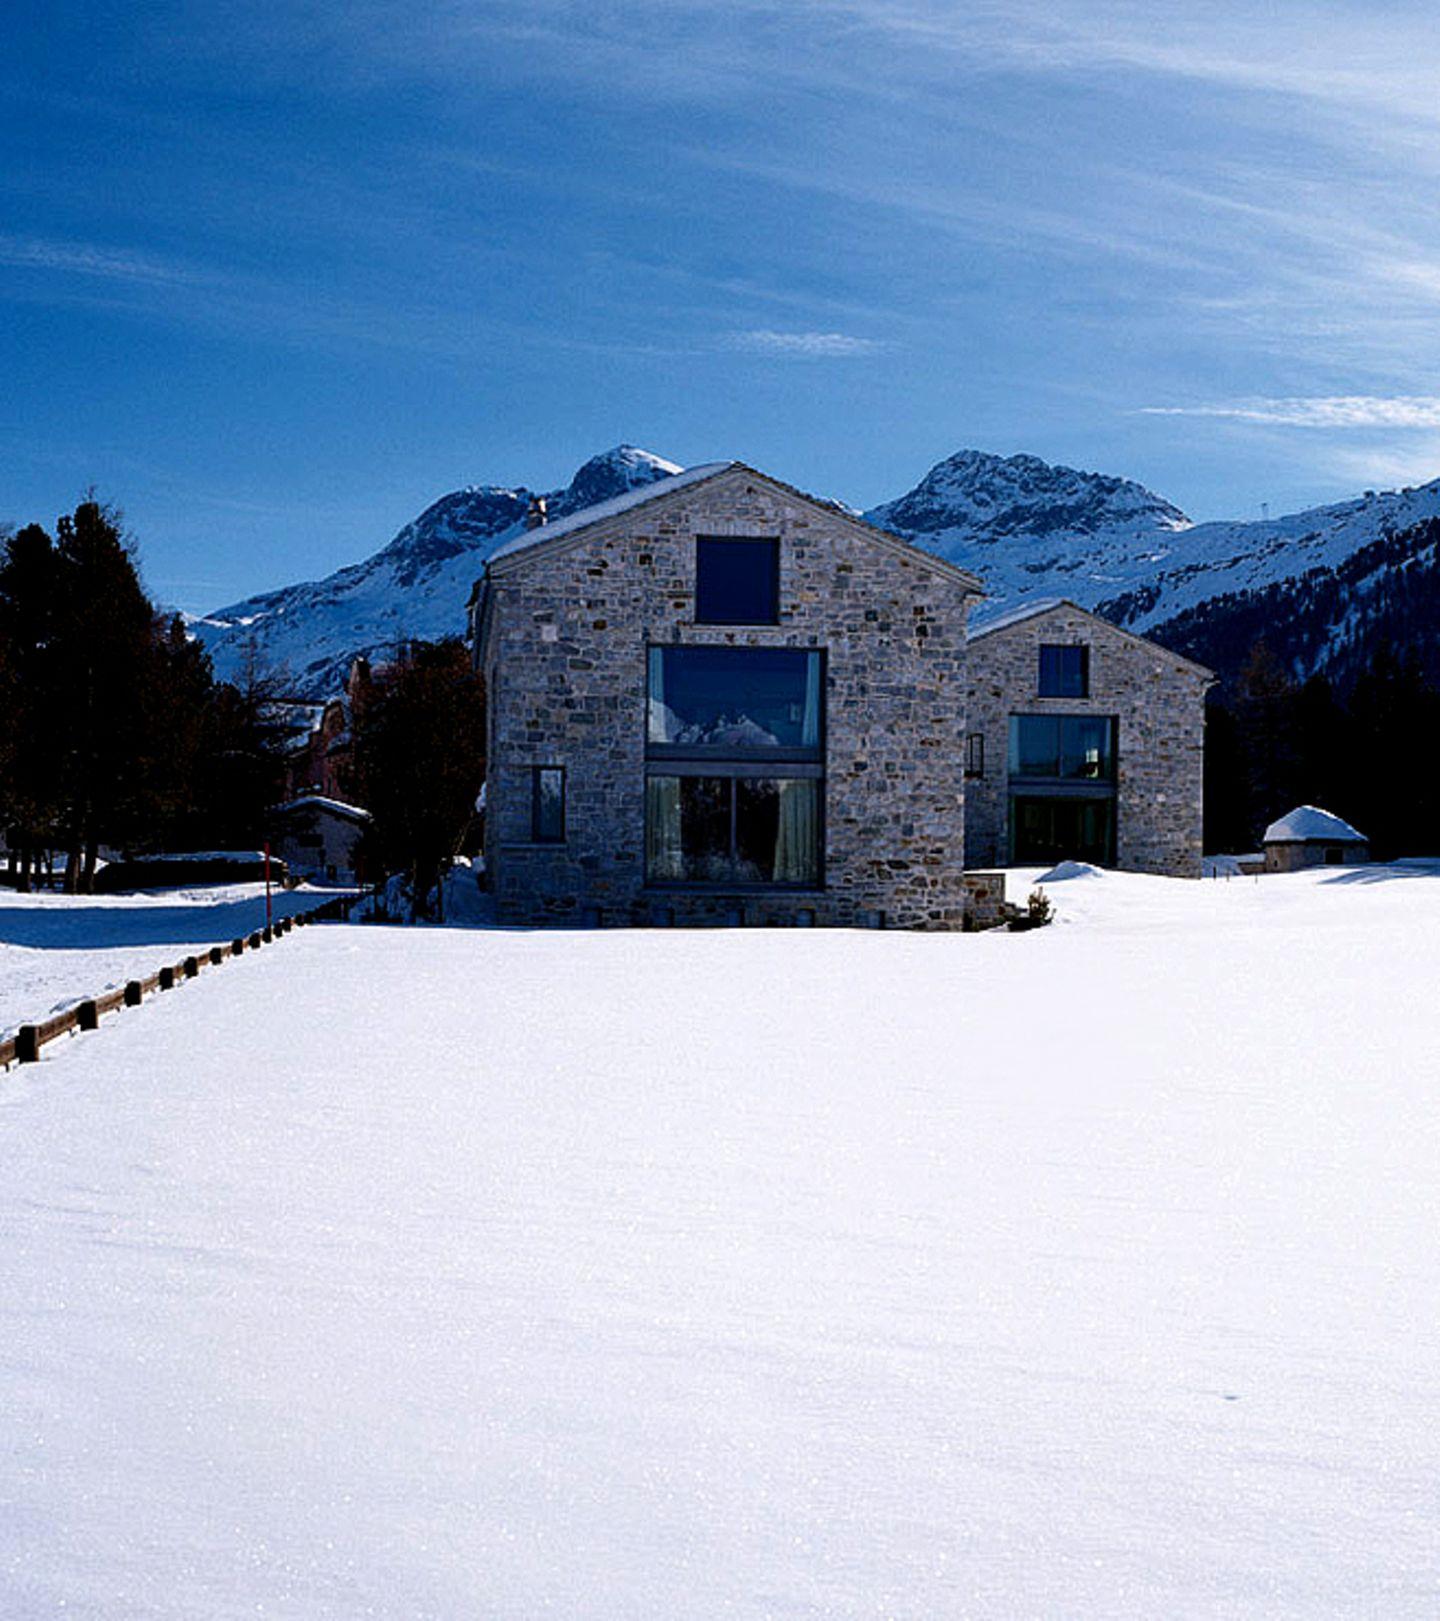 Geradlinige Häuserformen